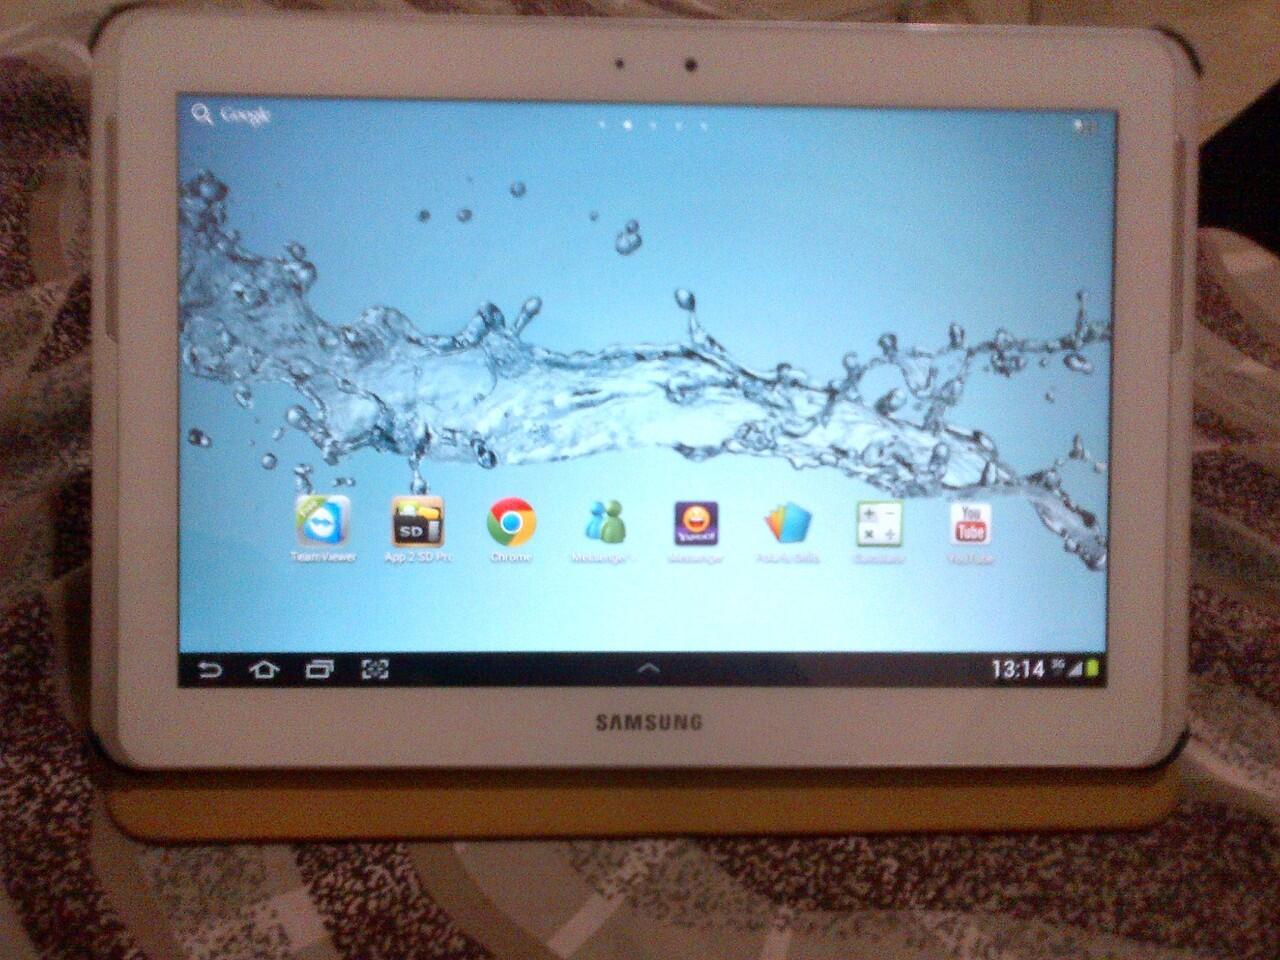 Galaxy Tab2 10.1 GT-P5100